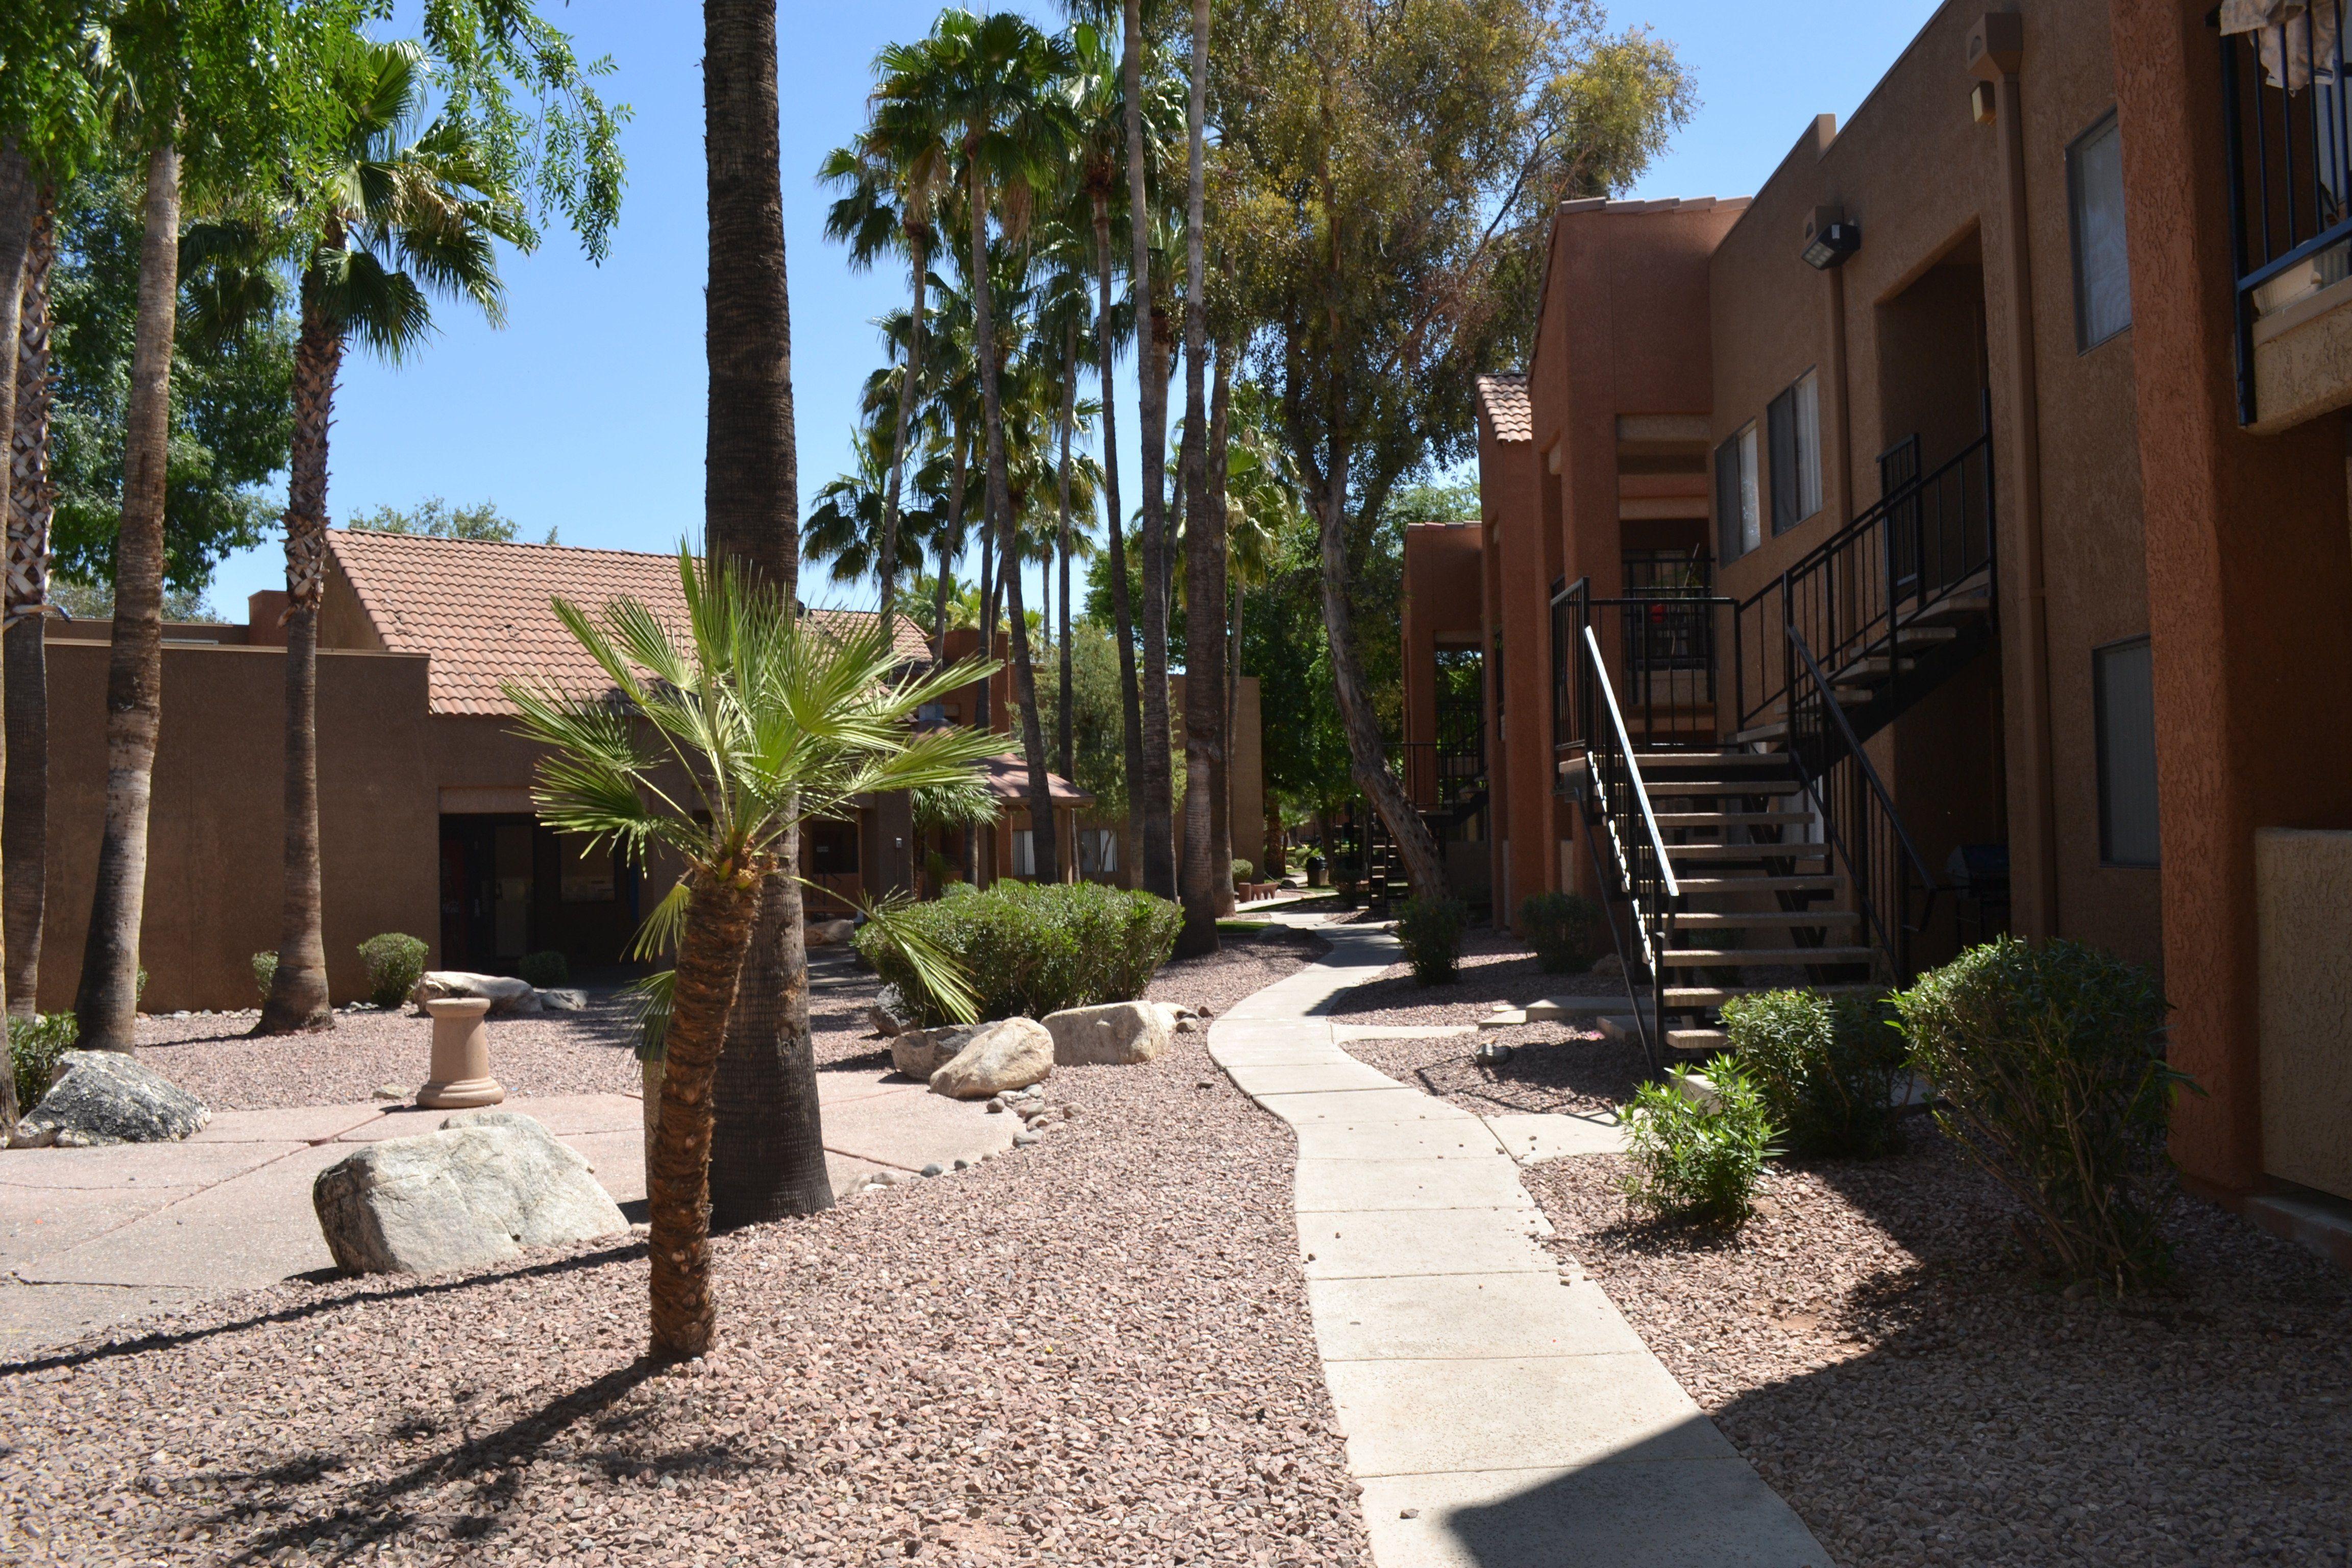 Rio Seco Apartments In Tucson Arizona Tucson Apartments Tucson Rio